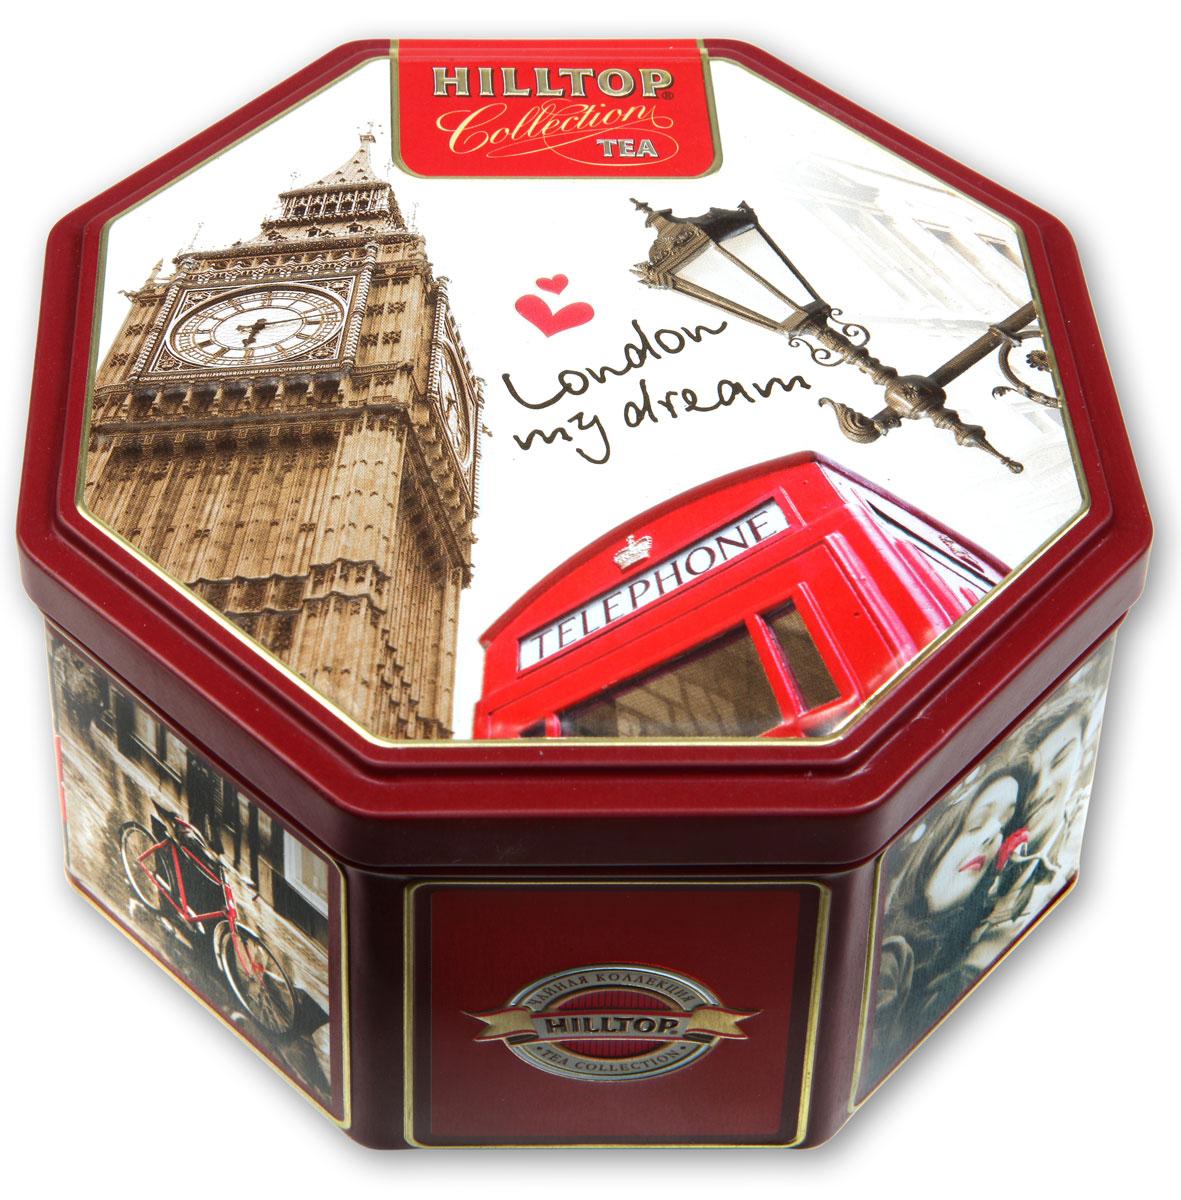 Hilltop Прогулки по Лондону черный листовой чай, 150 г